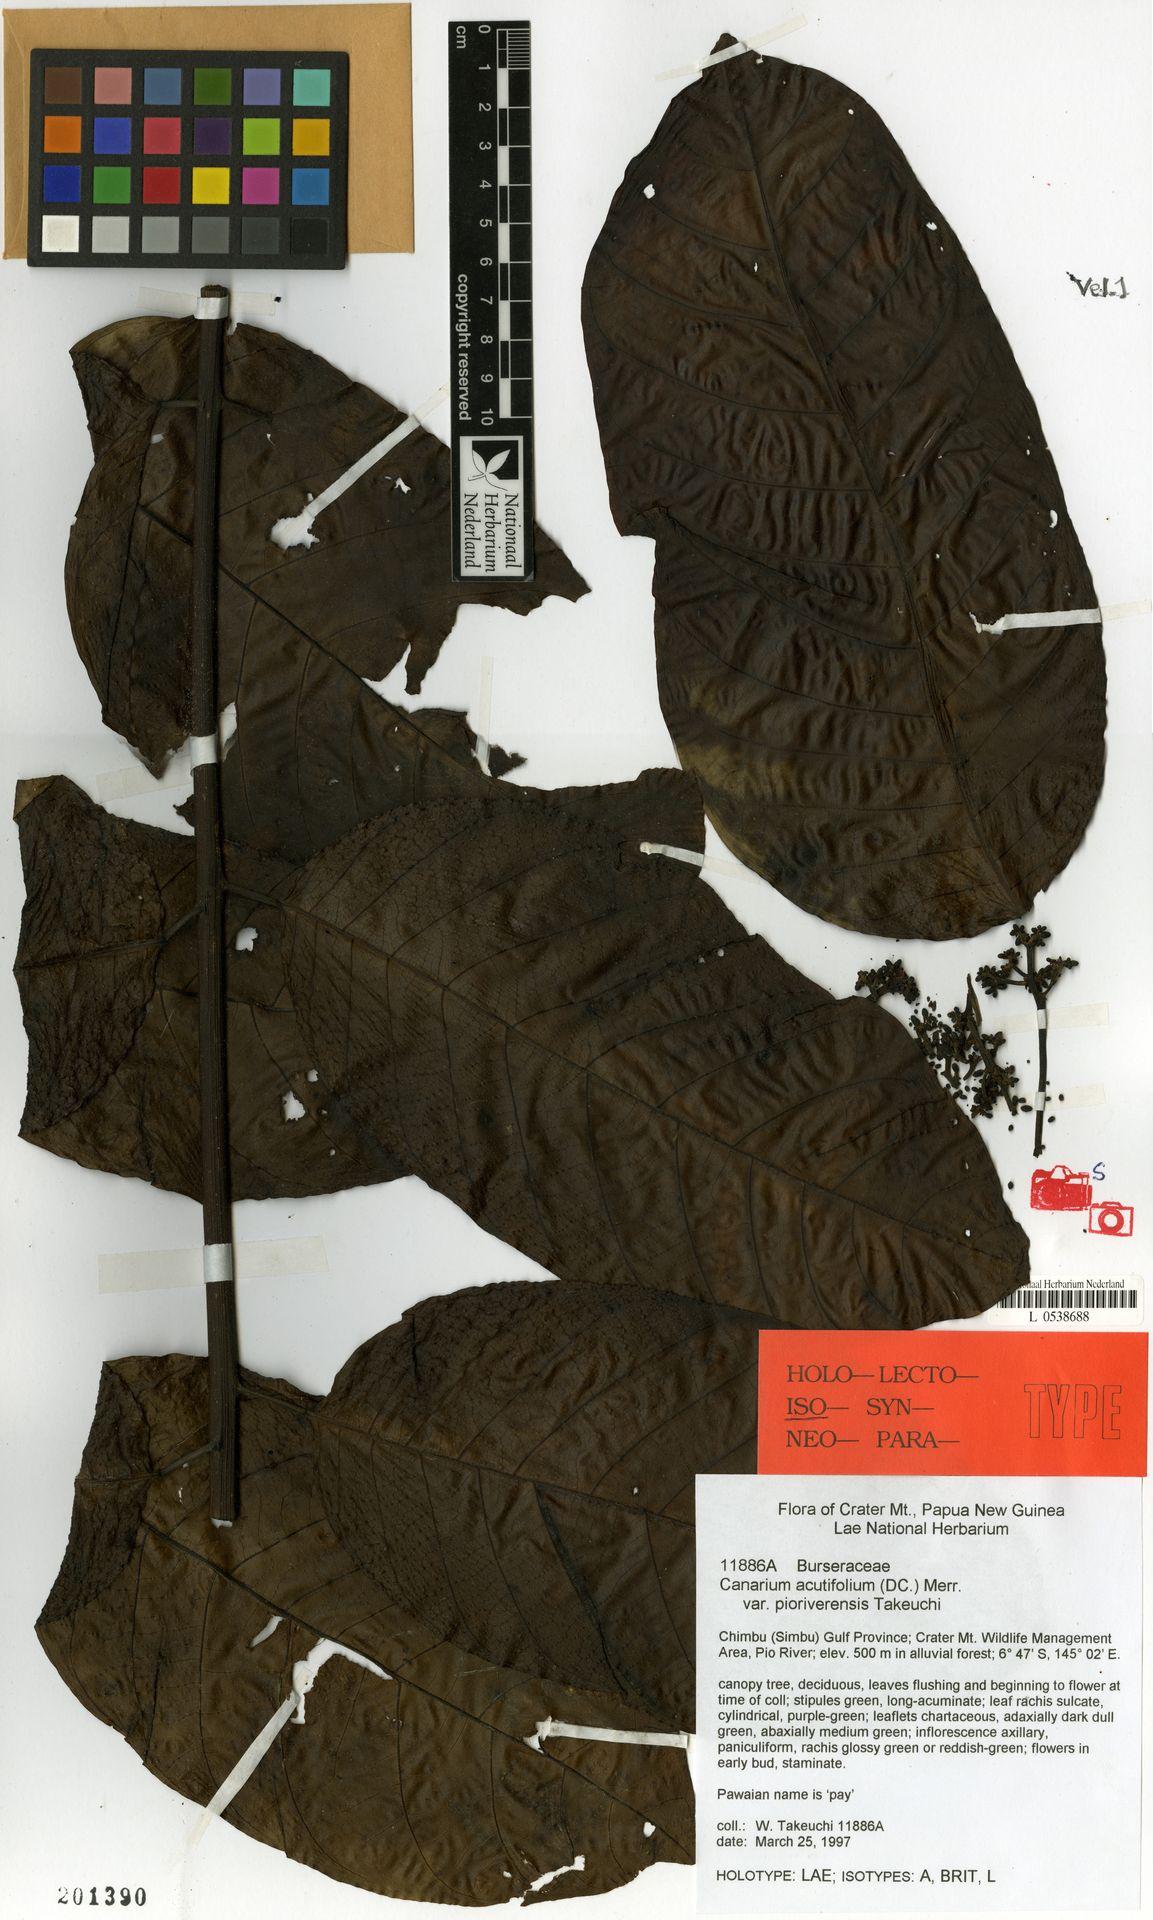 L  0538688 | Canarium acutifolium var. pioriverensis W.N.Takeuchi